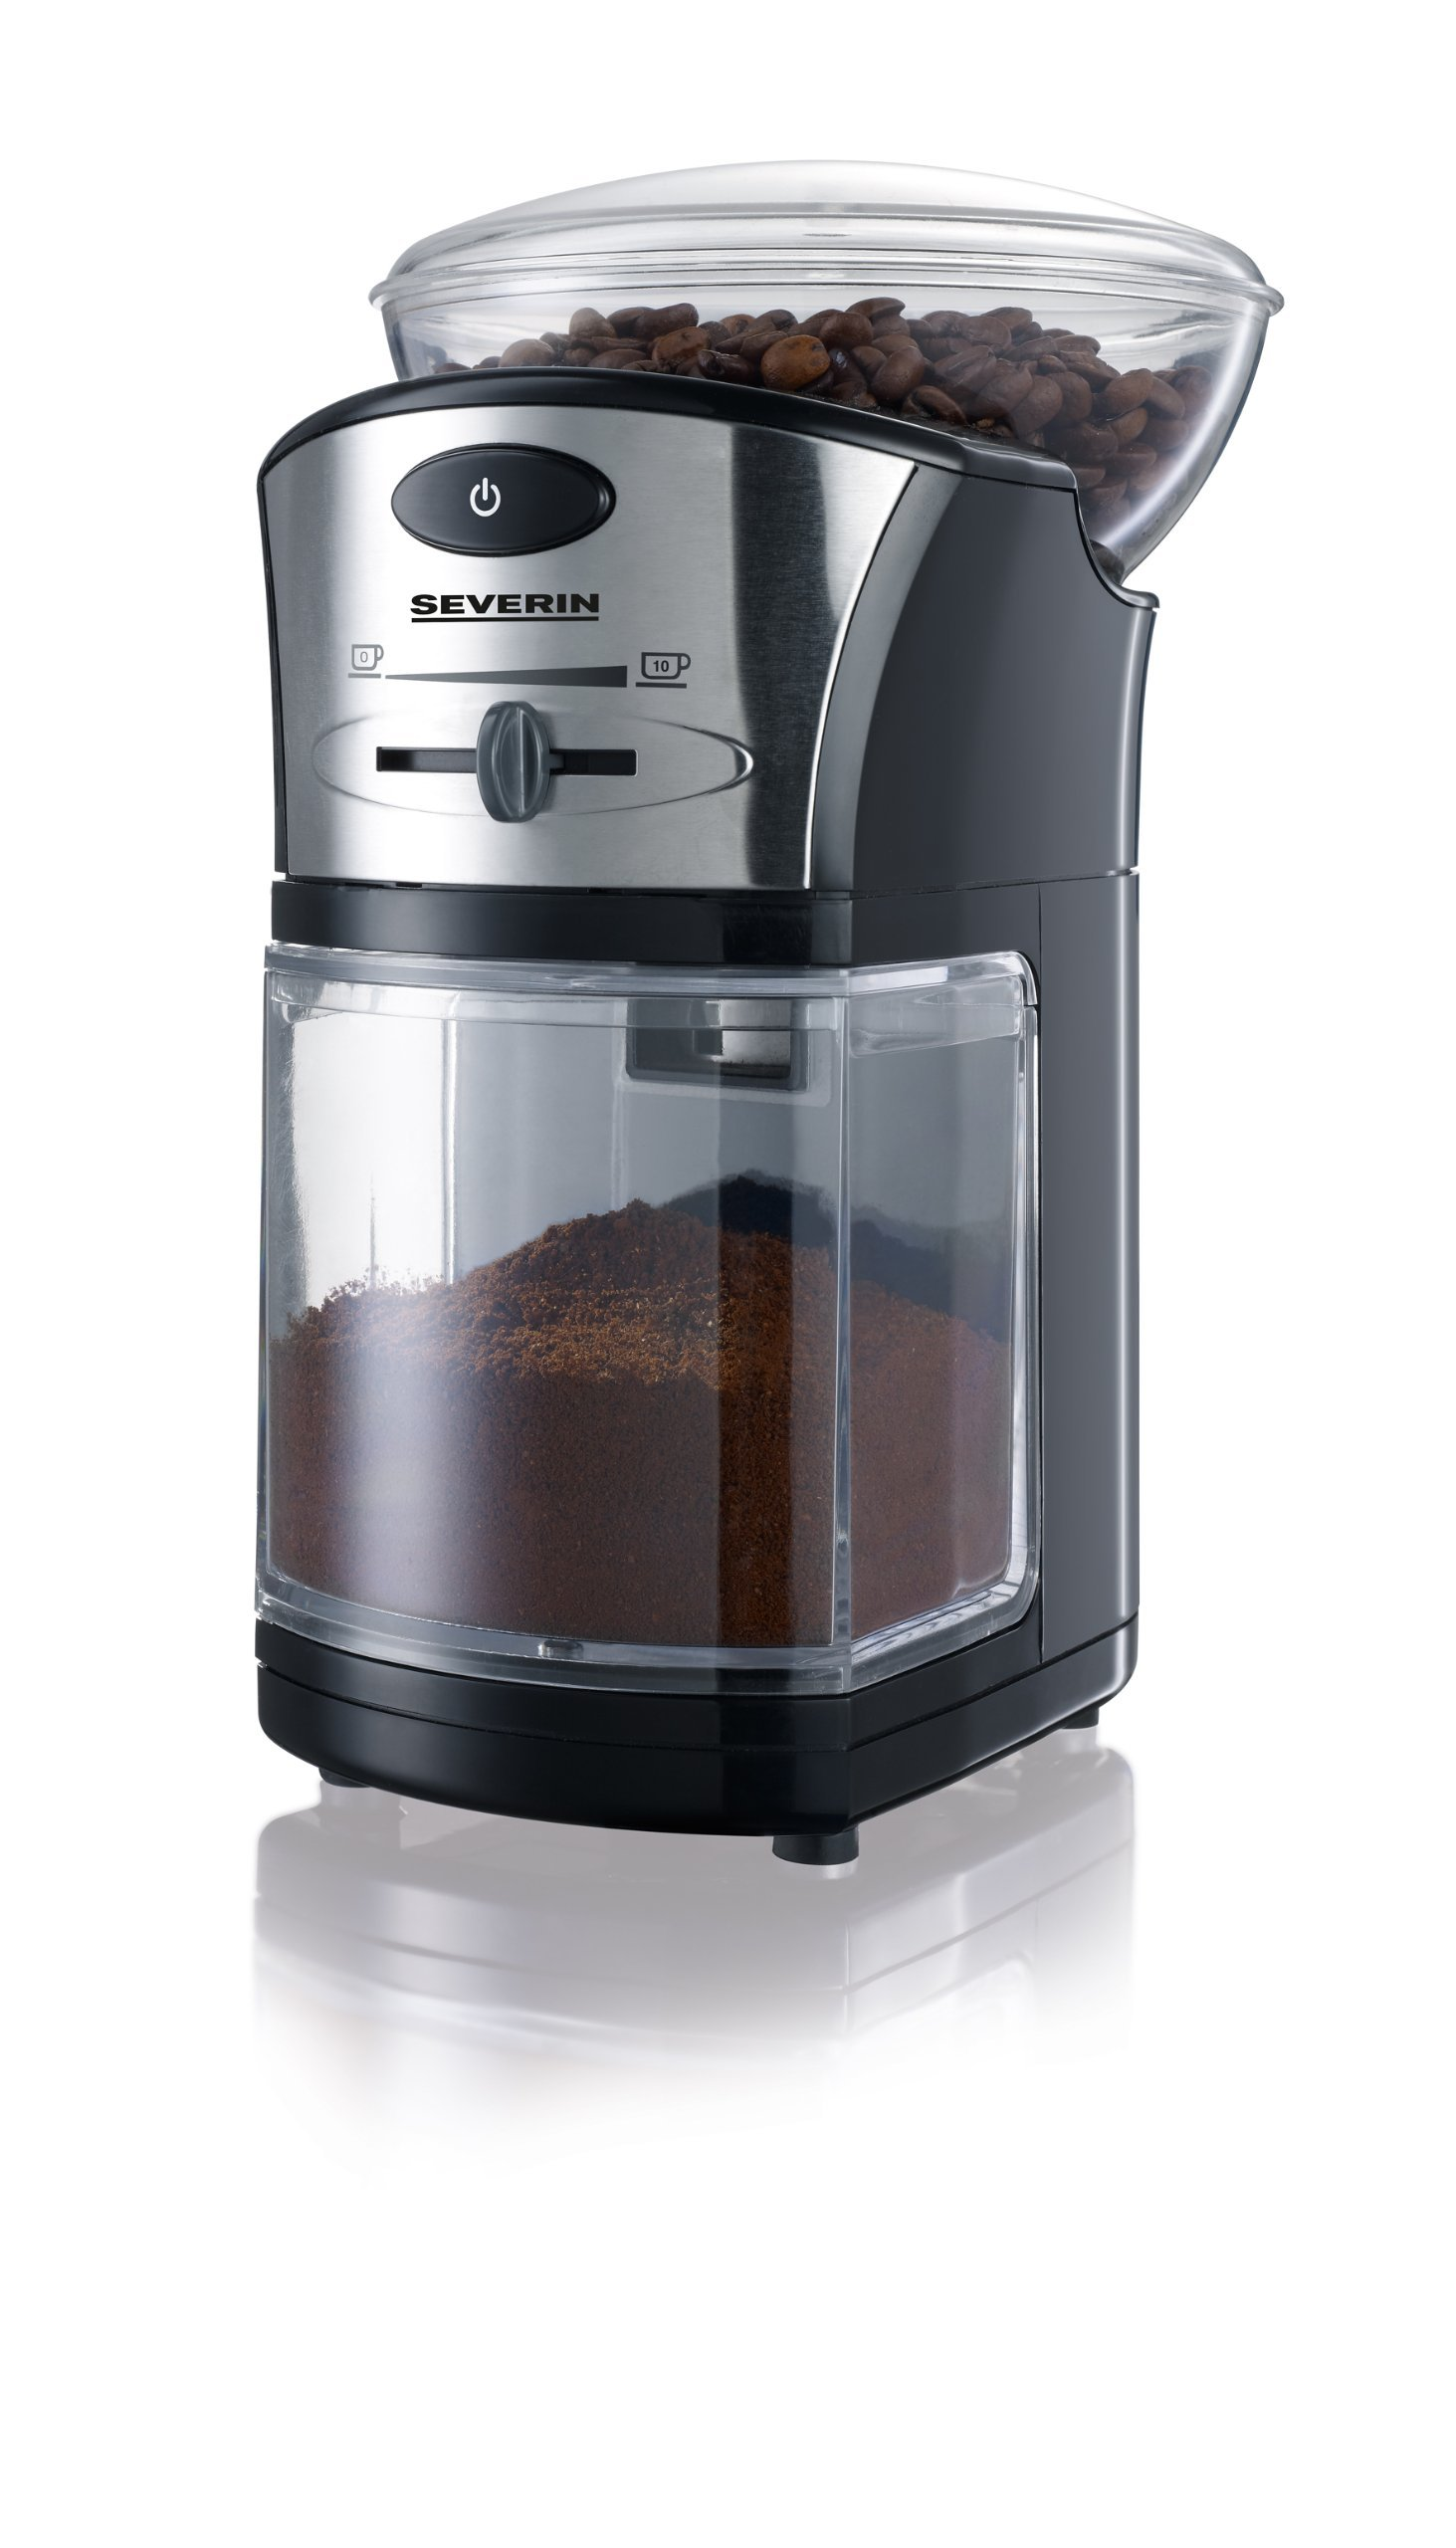 SEVERIN KM 3874 Elektrische Mahlwerk-Kaffeemühle (100 W, Edelstahl-Scheibenmahlwerk, Max. Füllmenge 150 g) schwarz…